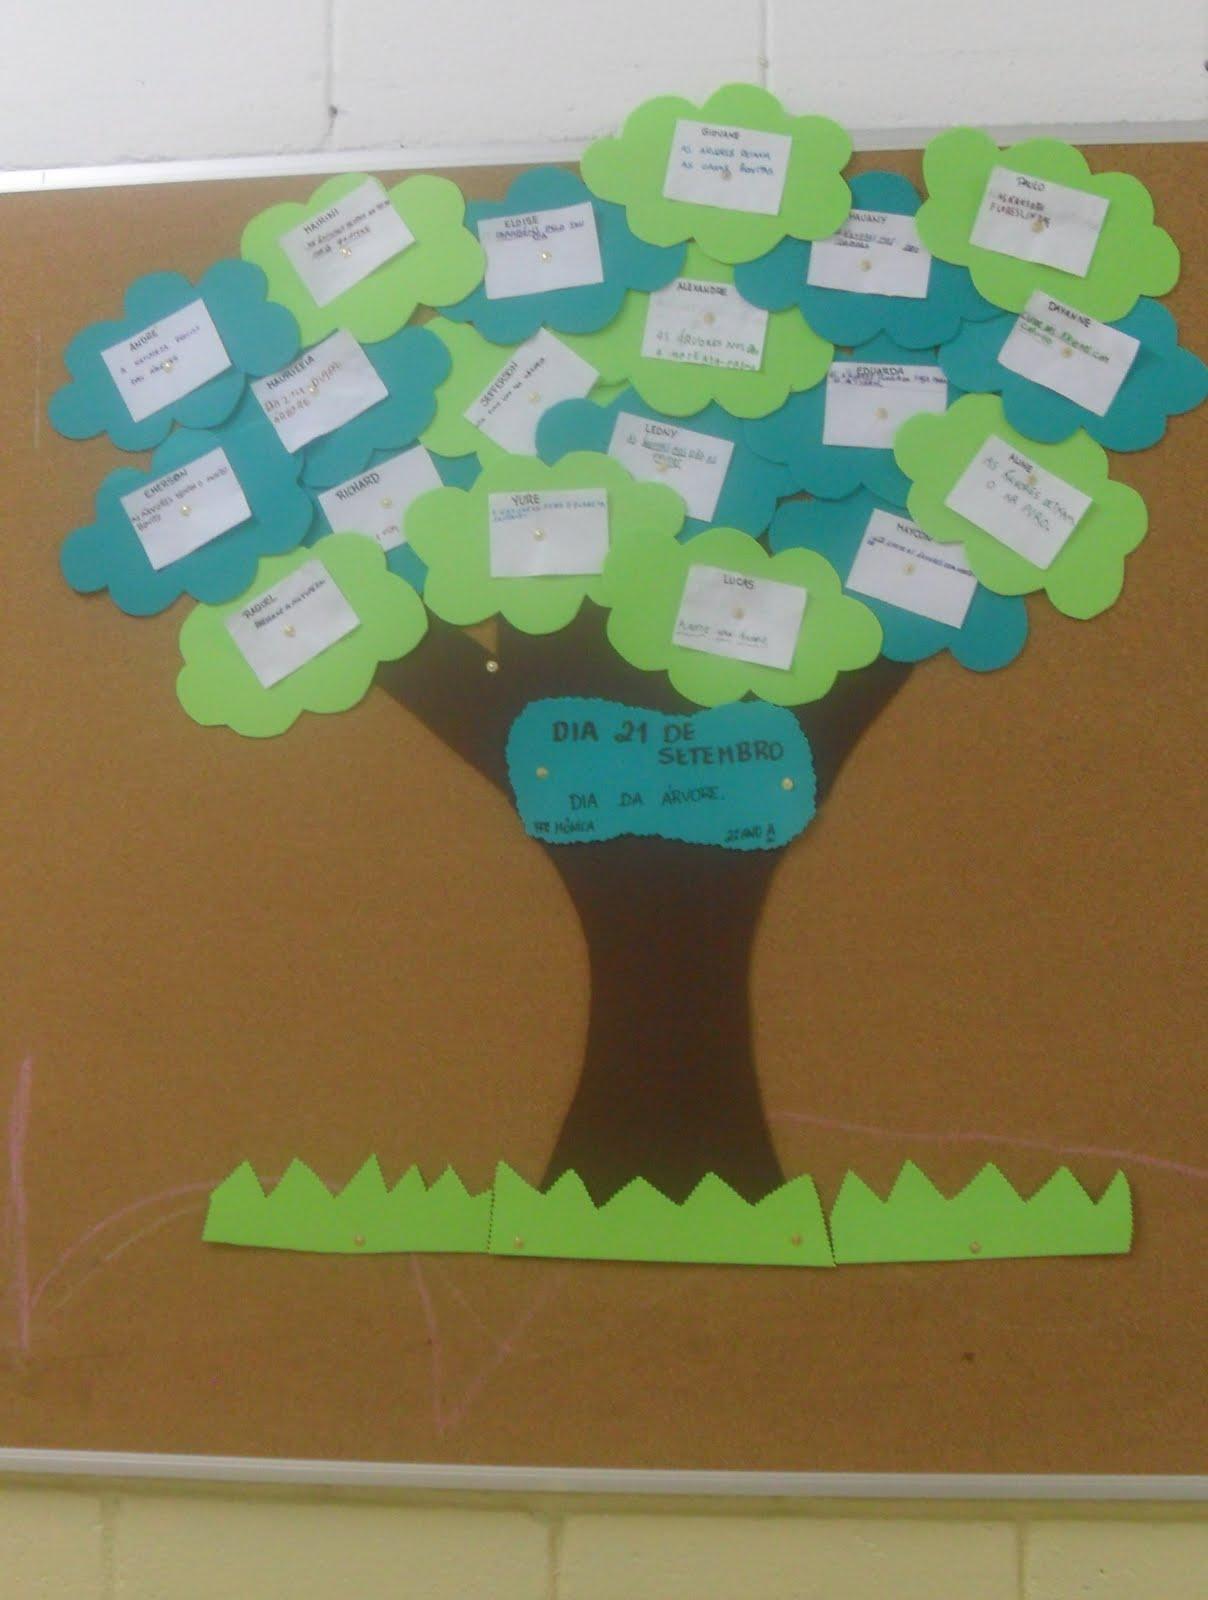 No Dia 21 De Setembro Comemora Se O Dia Da árvore Em Diva Do Carmo